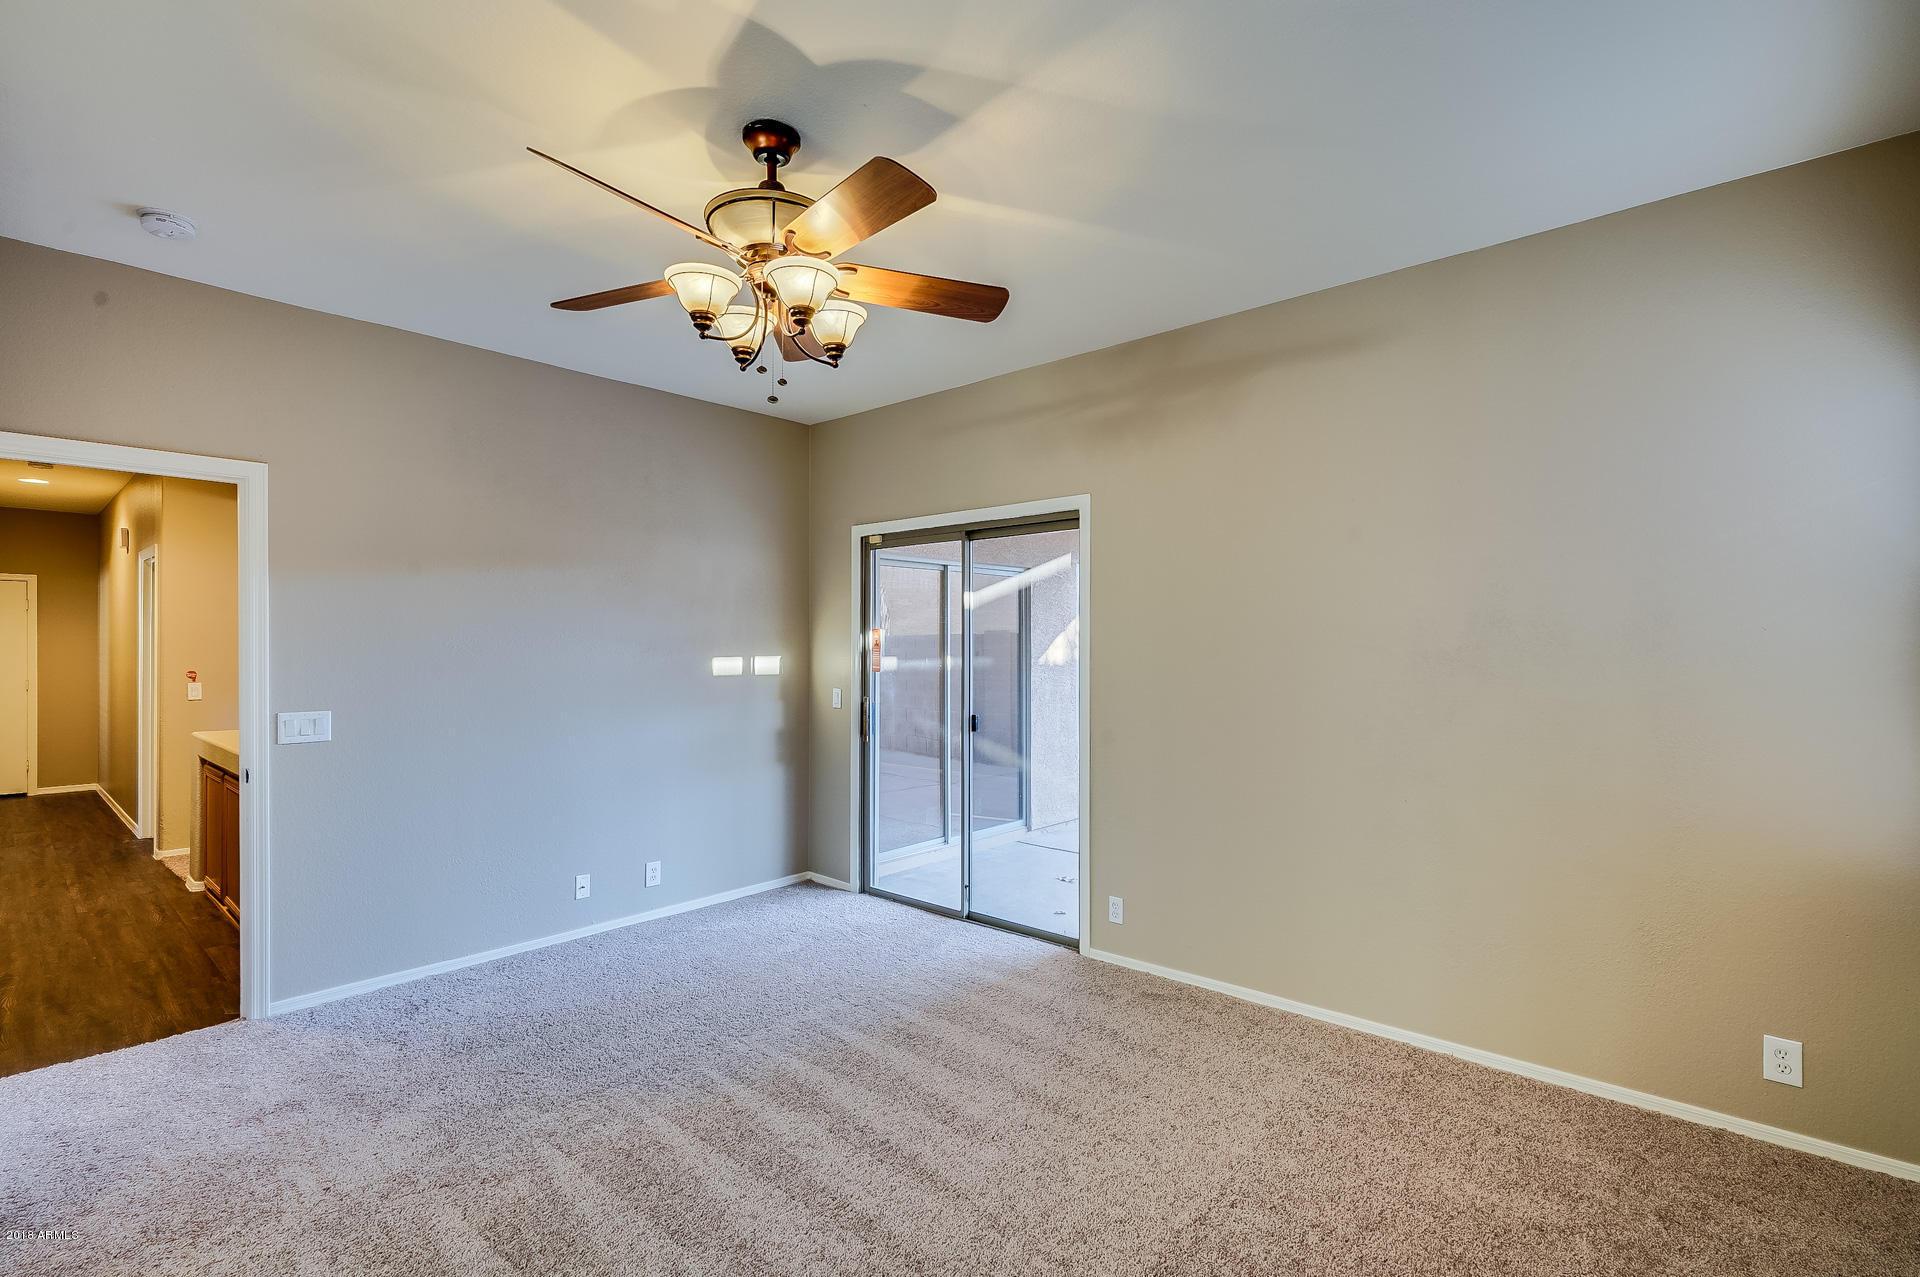 MLS 5861533 2729 E JASPER Drive, Gilbert, AZ 85296 Gilbert AZ Four Bedroom